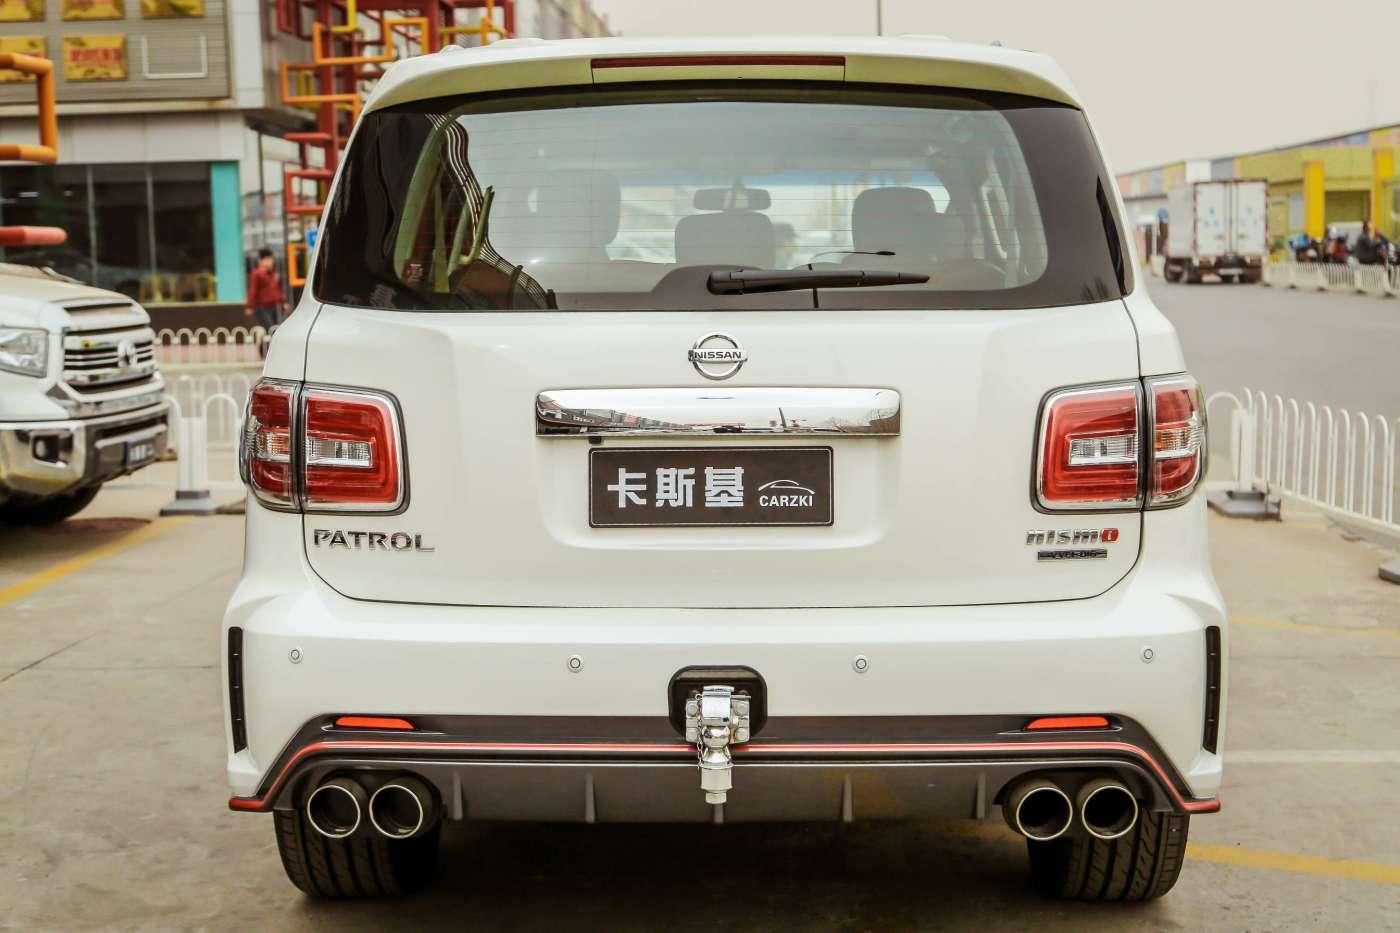 途乐 2018款 4.0L 中东版|平行进口车-北京卡斯基汽车服务有限公司